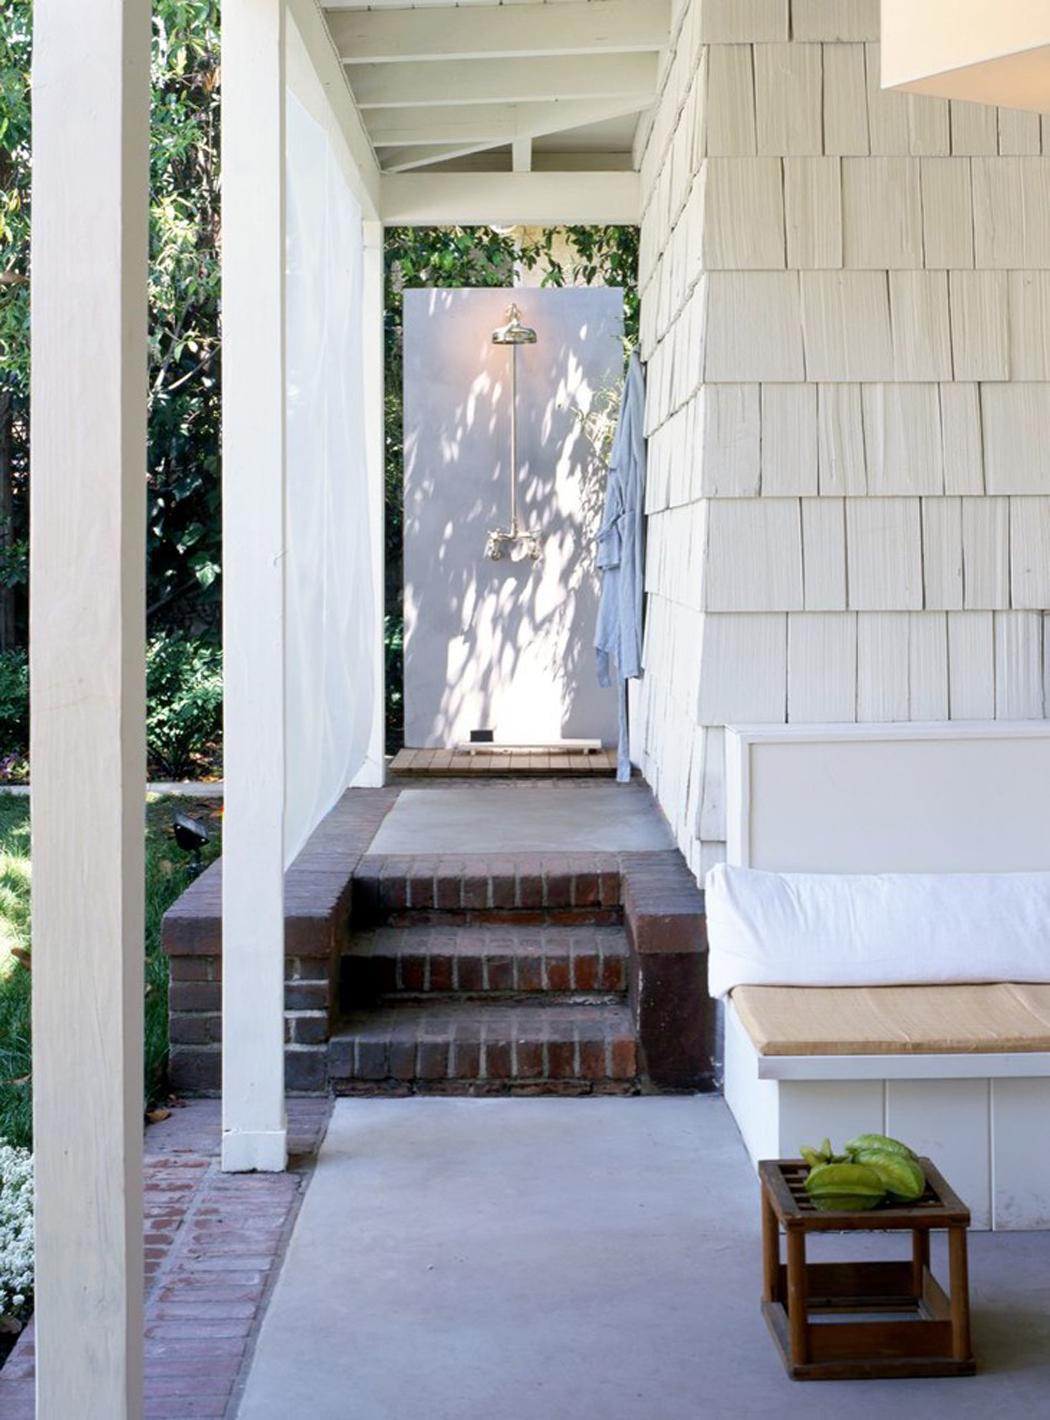 cabane design zen et minimaliste à los angeles | vivons maison